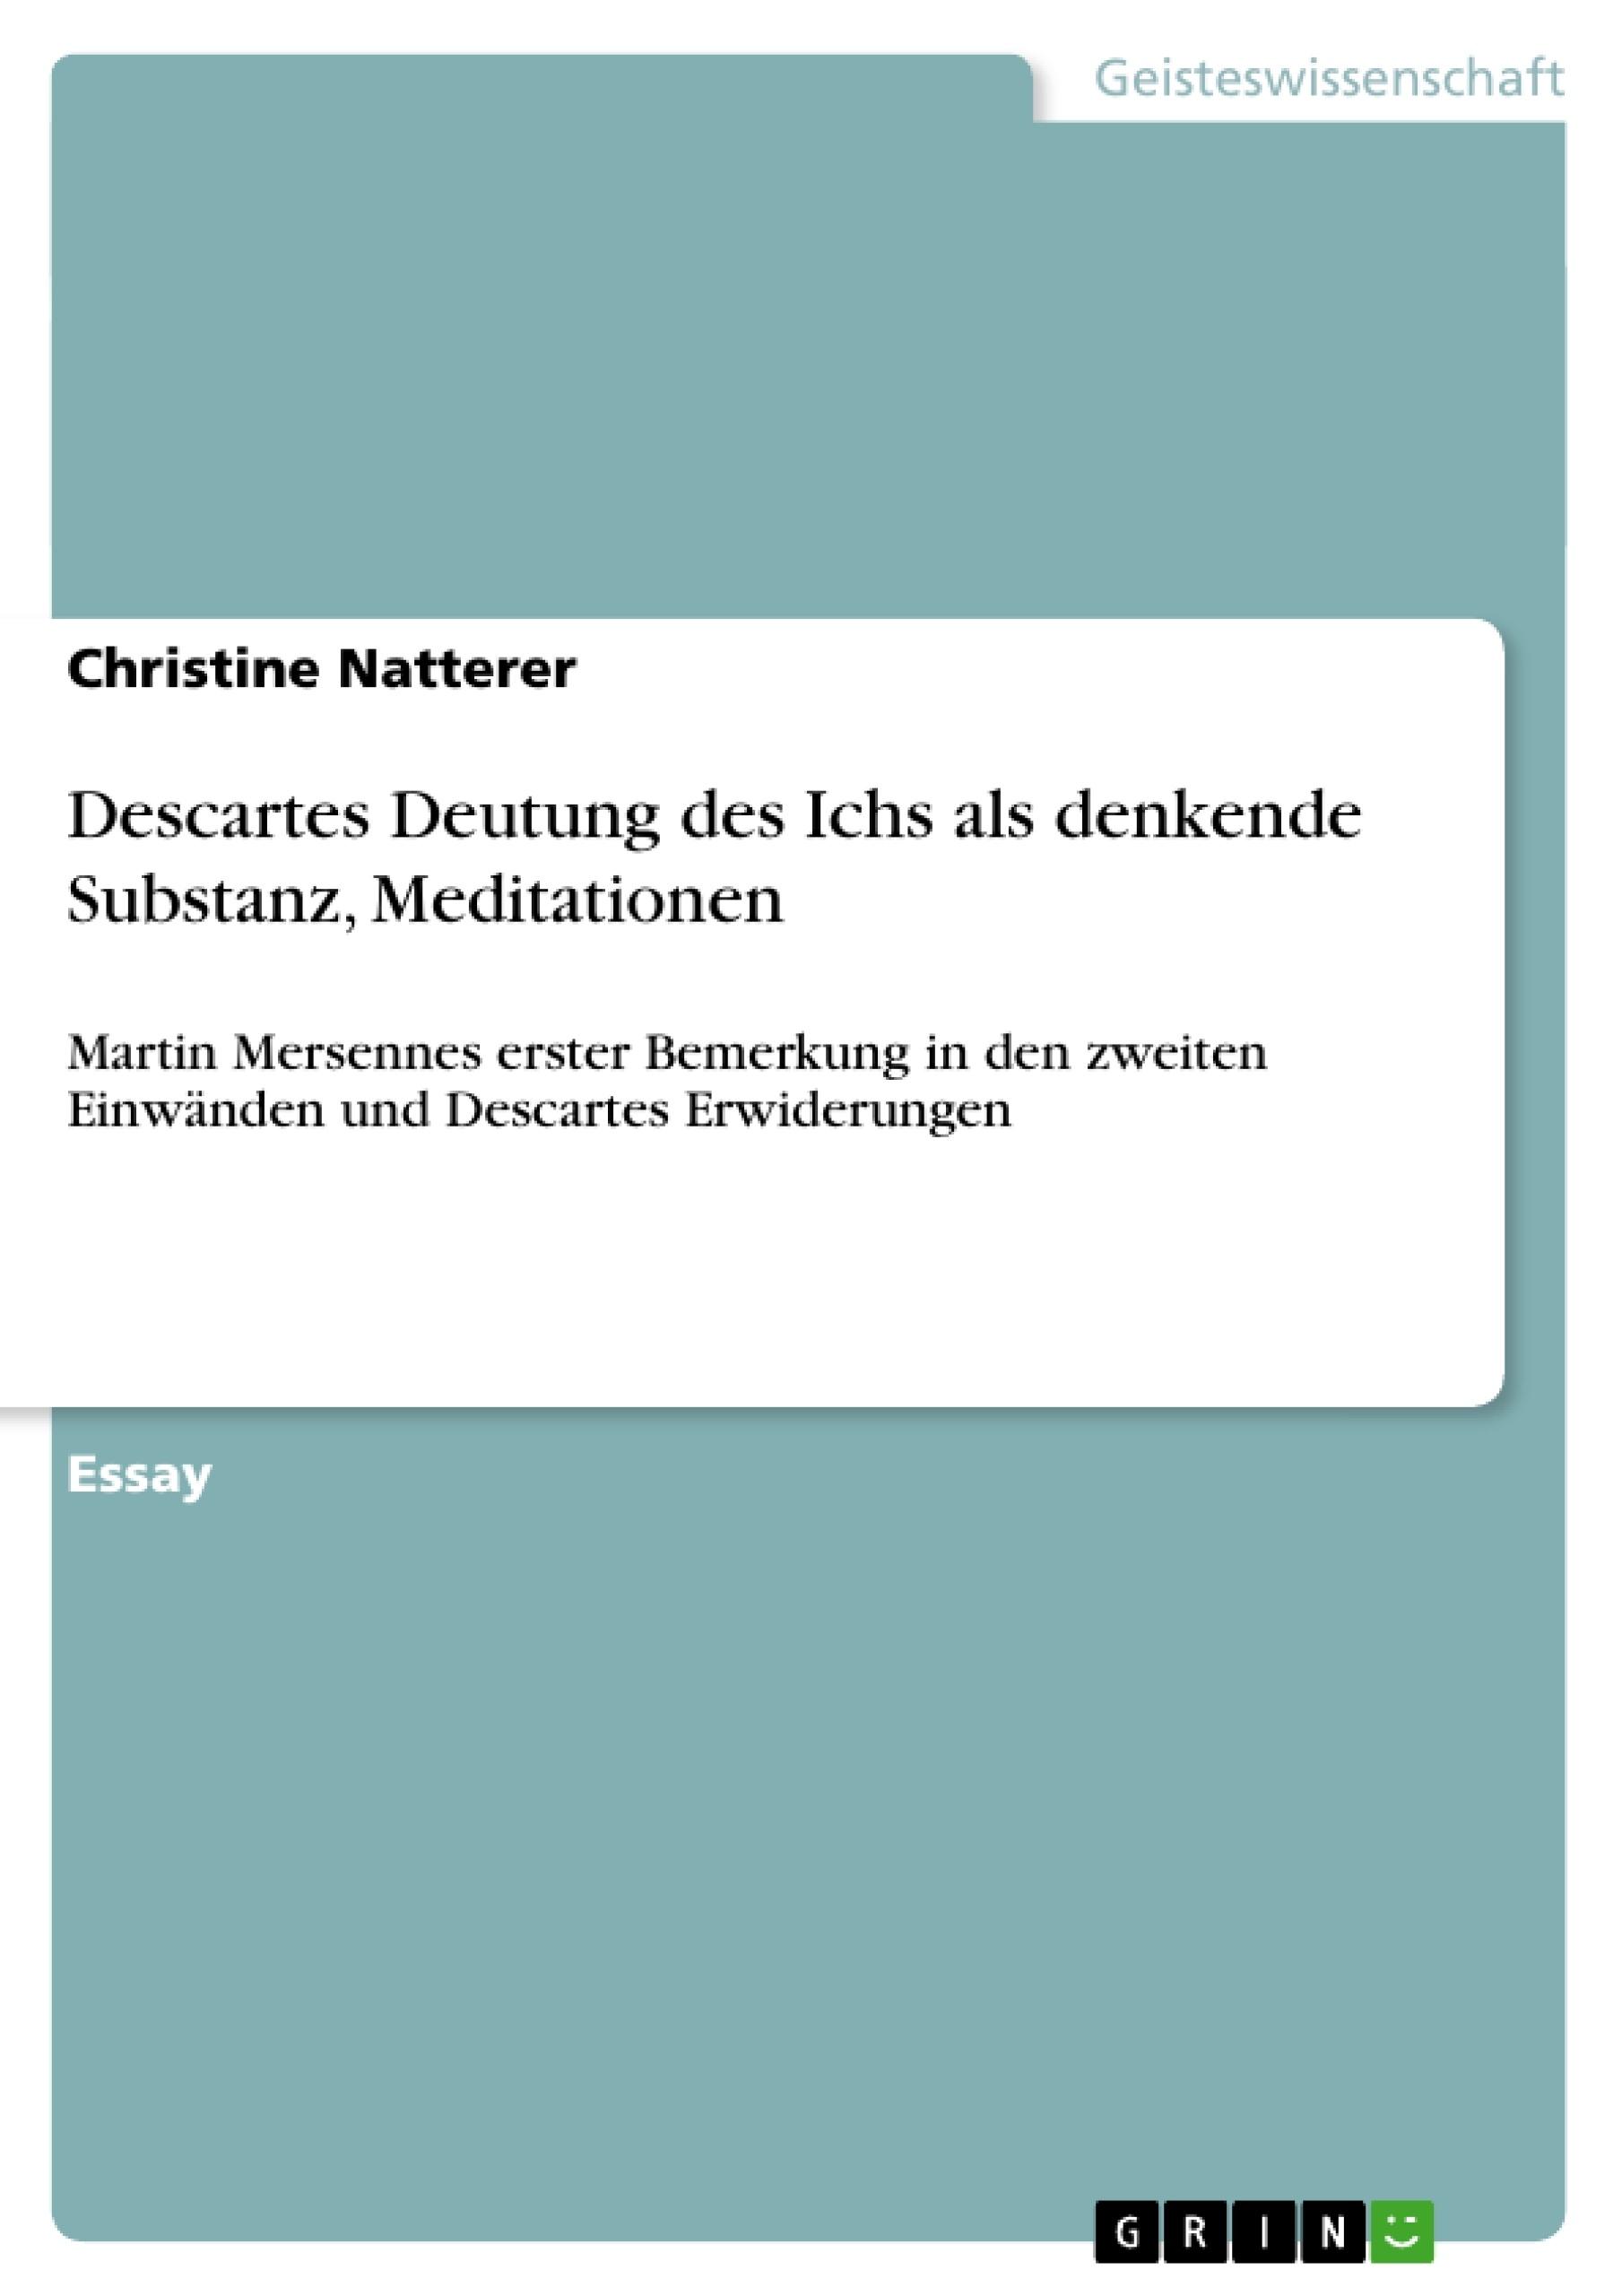 Titel: Descartes Deutung des Ichs als denkende Substanz, Meditationen